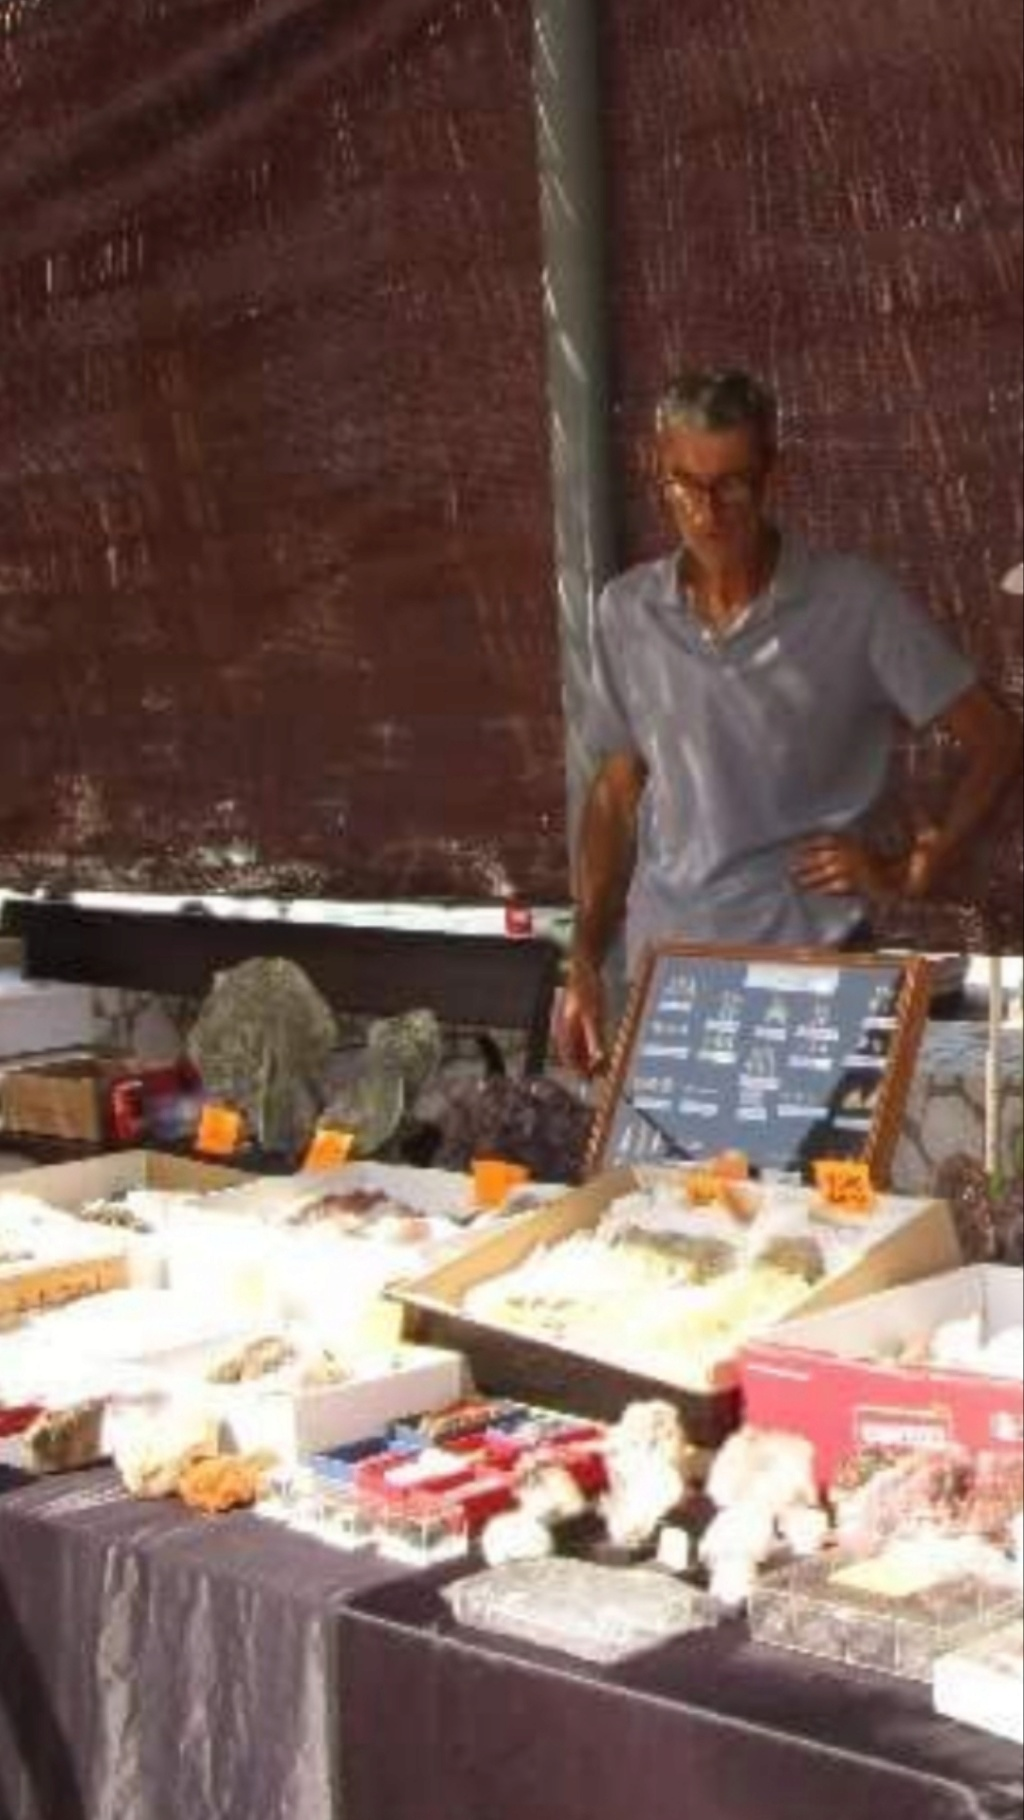 I Feria de minerales intercambio y venta de Cártama (MÁLAGA) - Página 7 Screen13